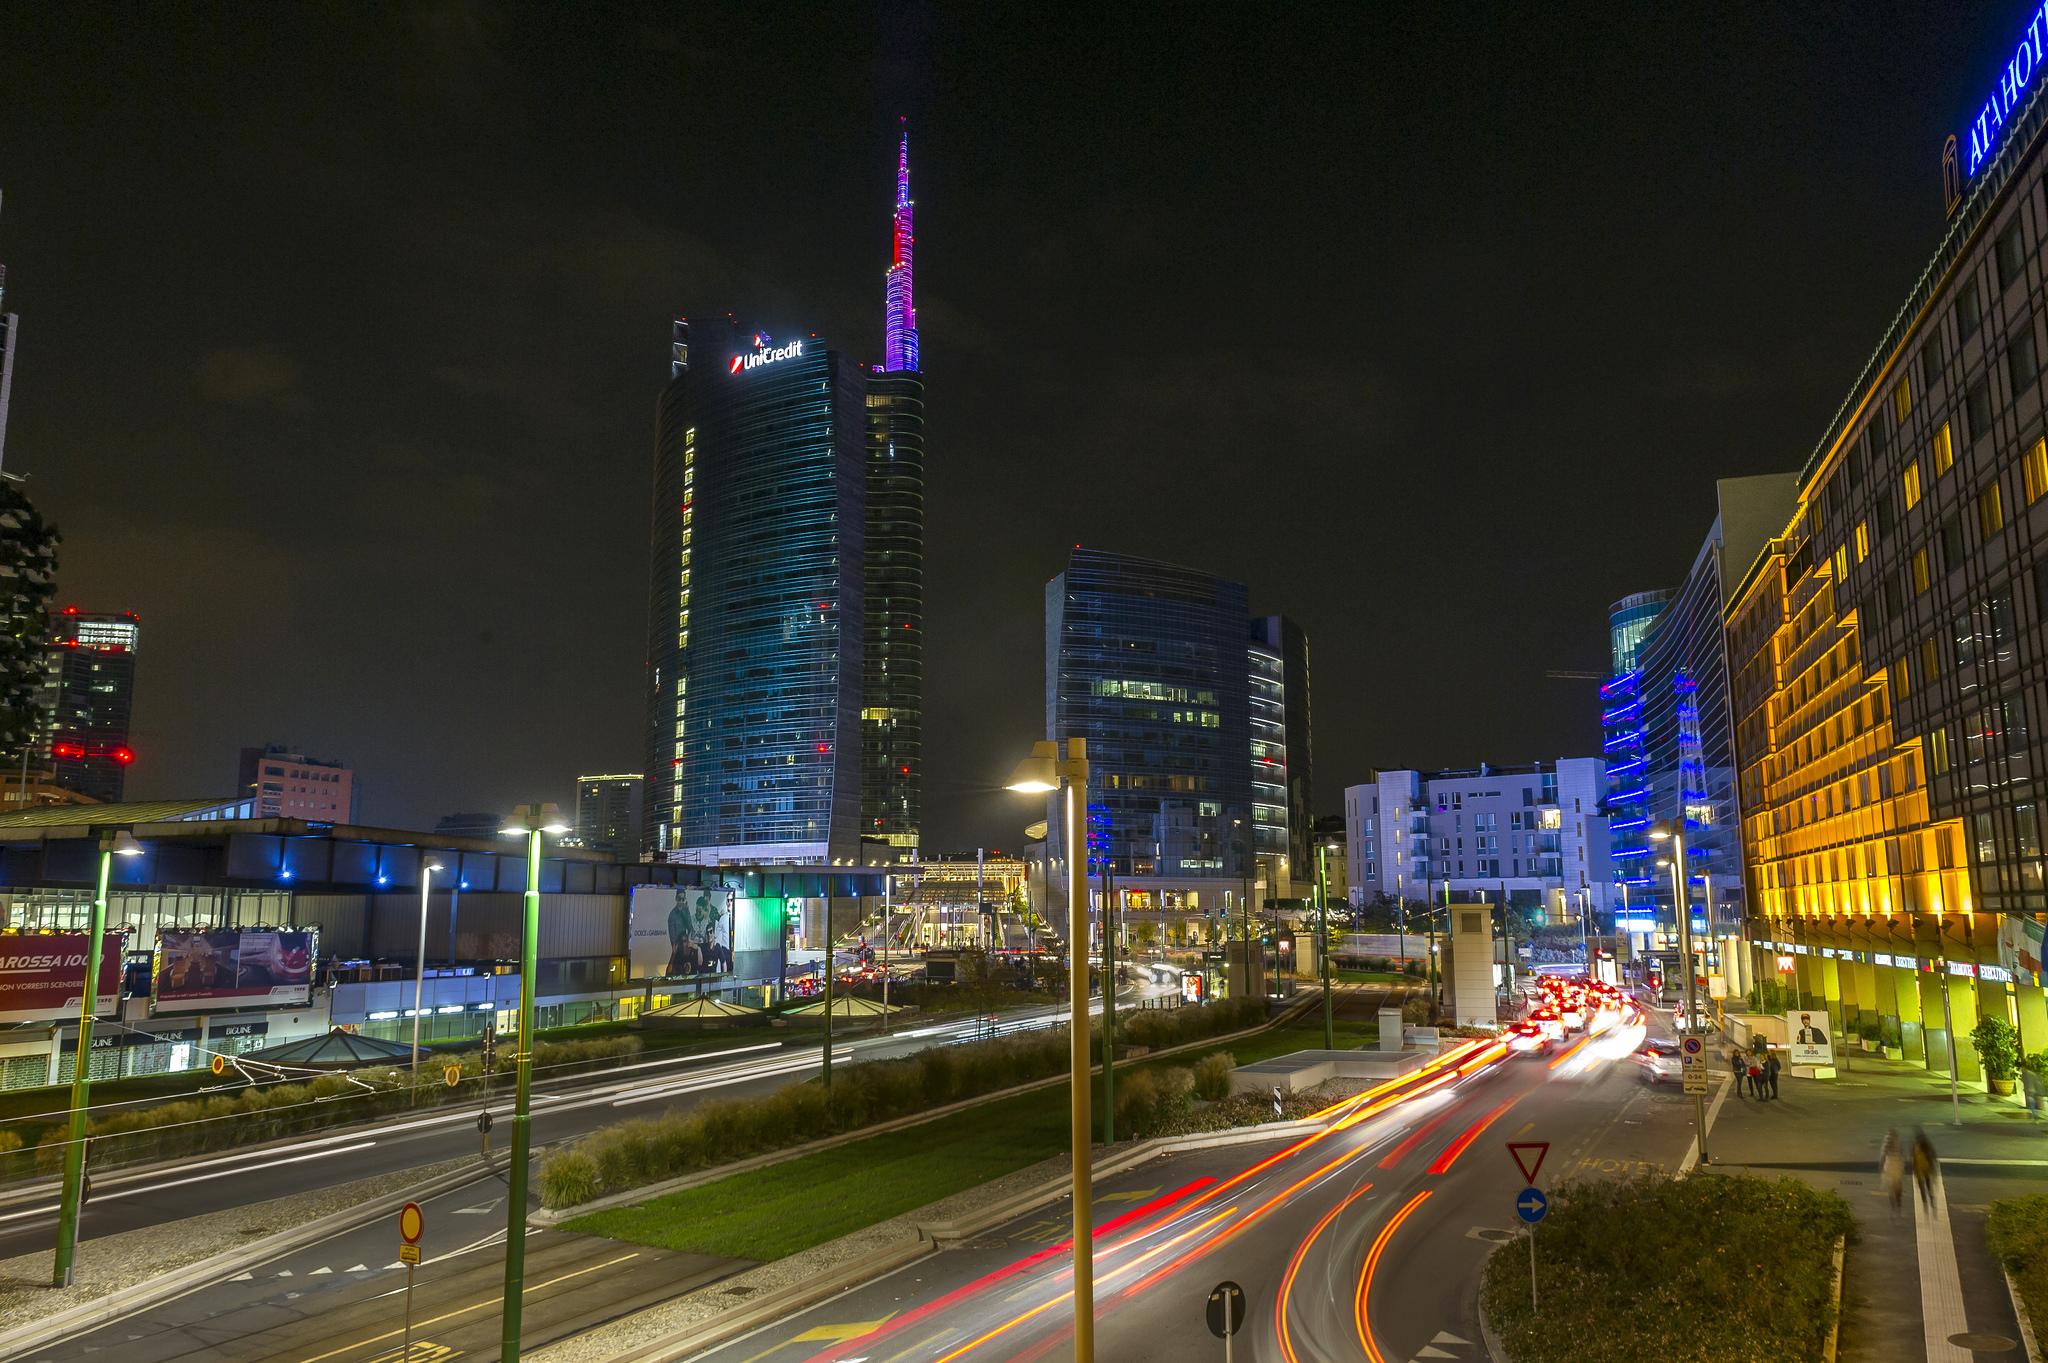 notte lilla 2016